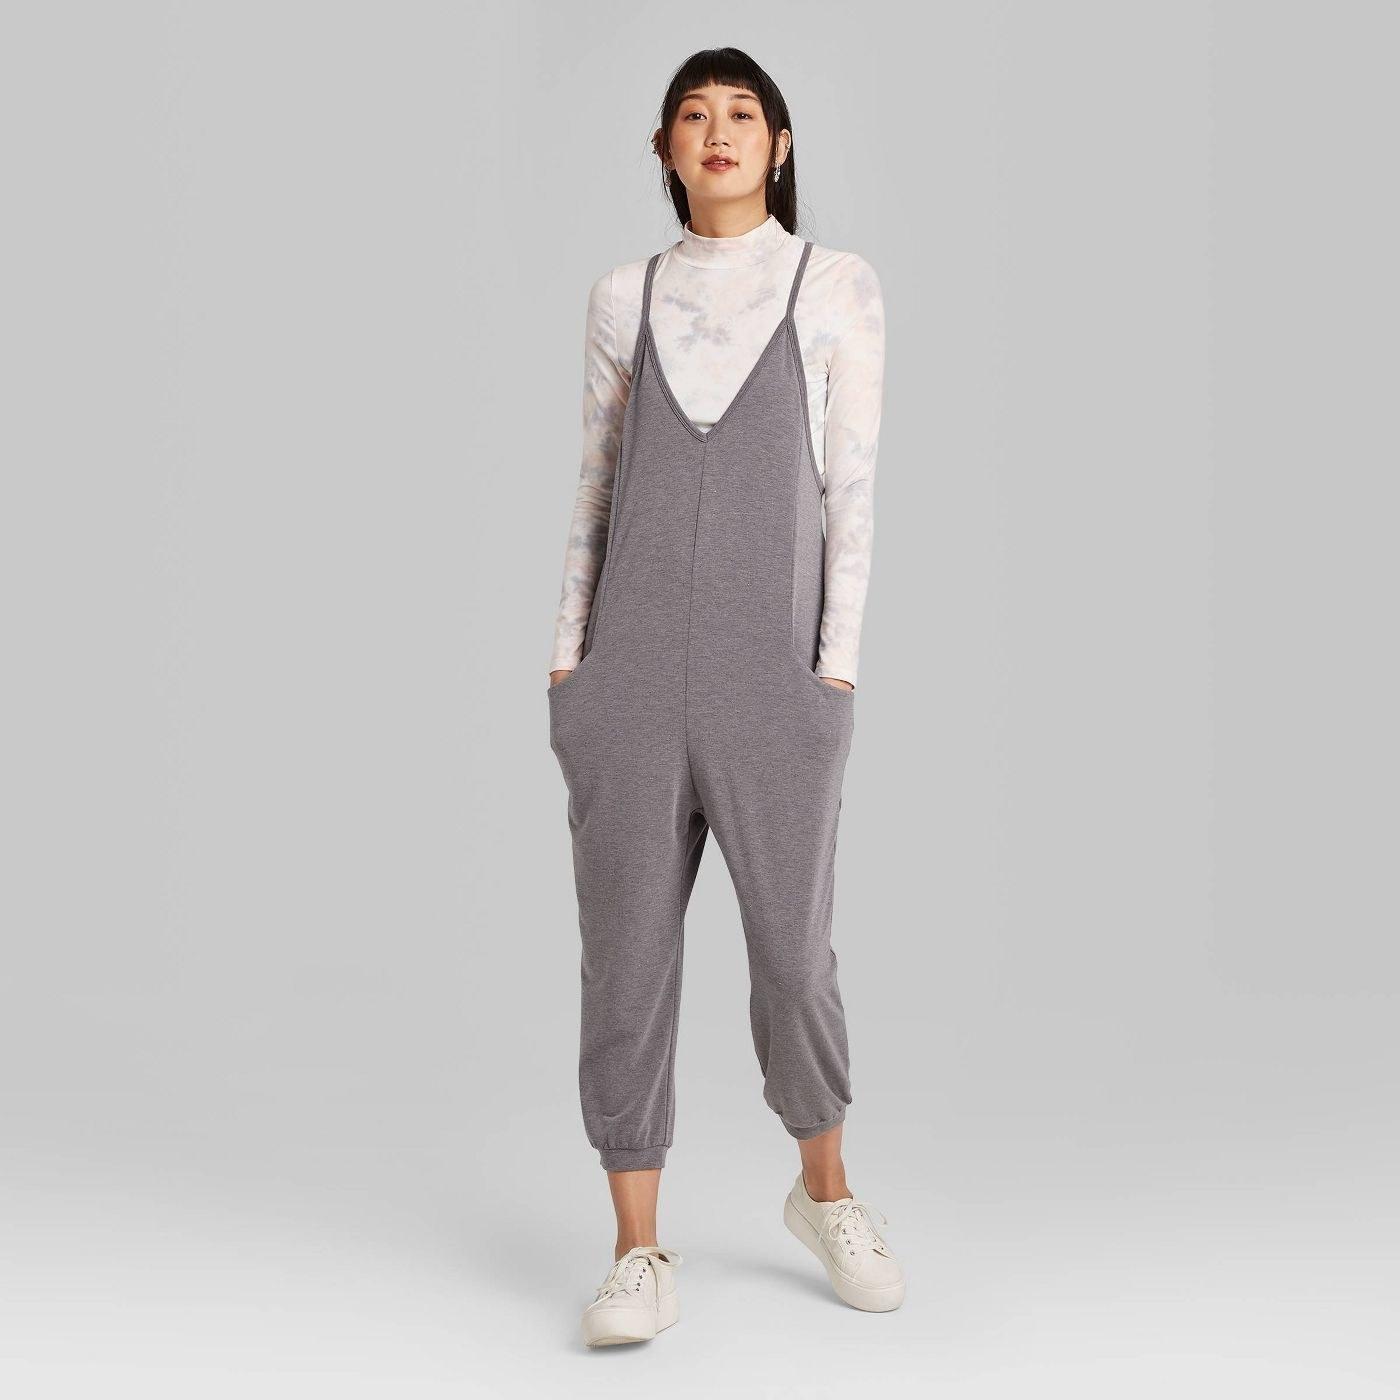 Model in sleeveless v-neck knit jumpsuit